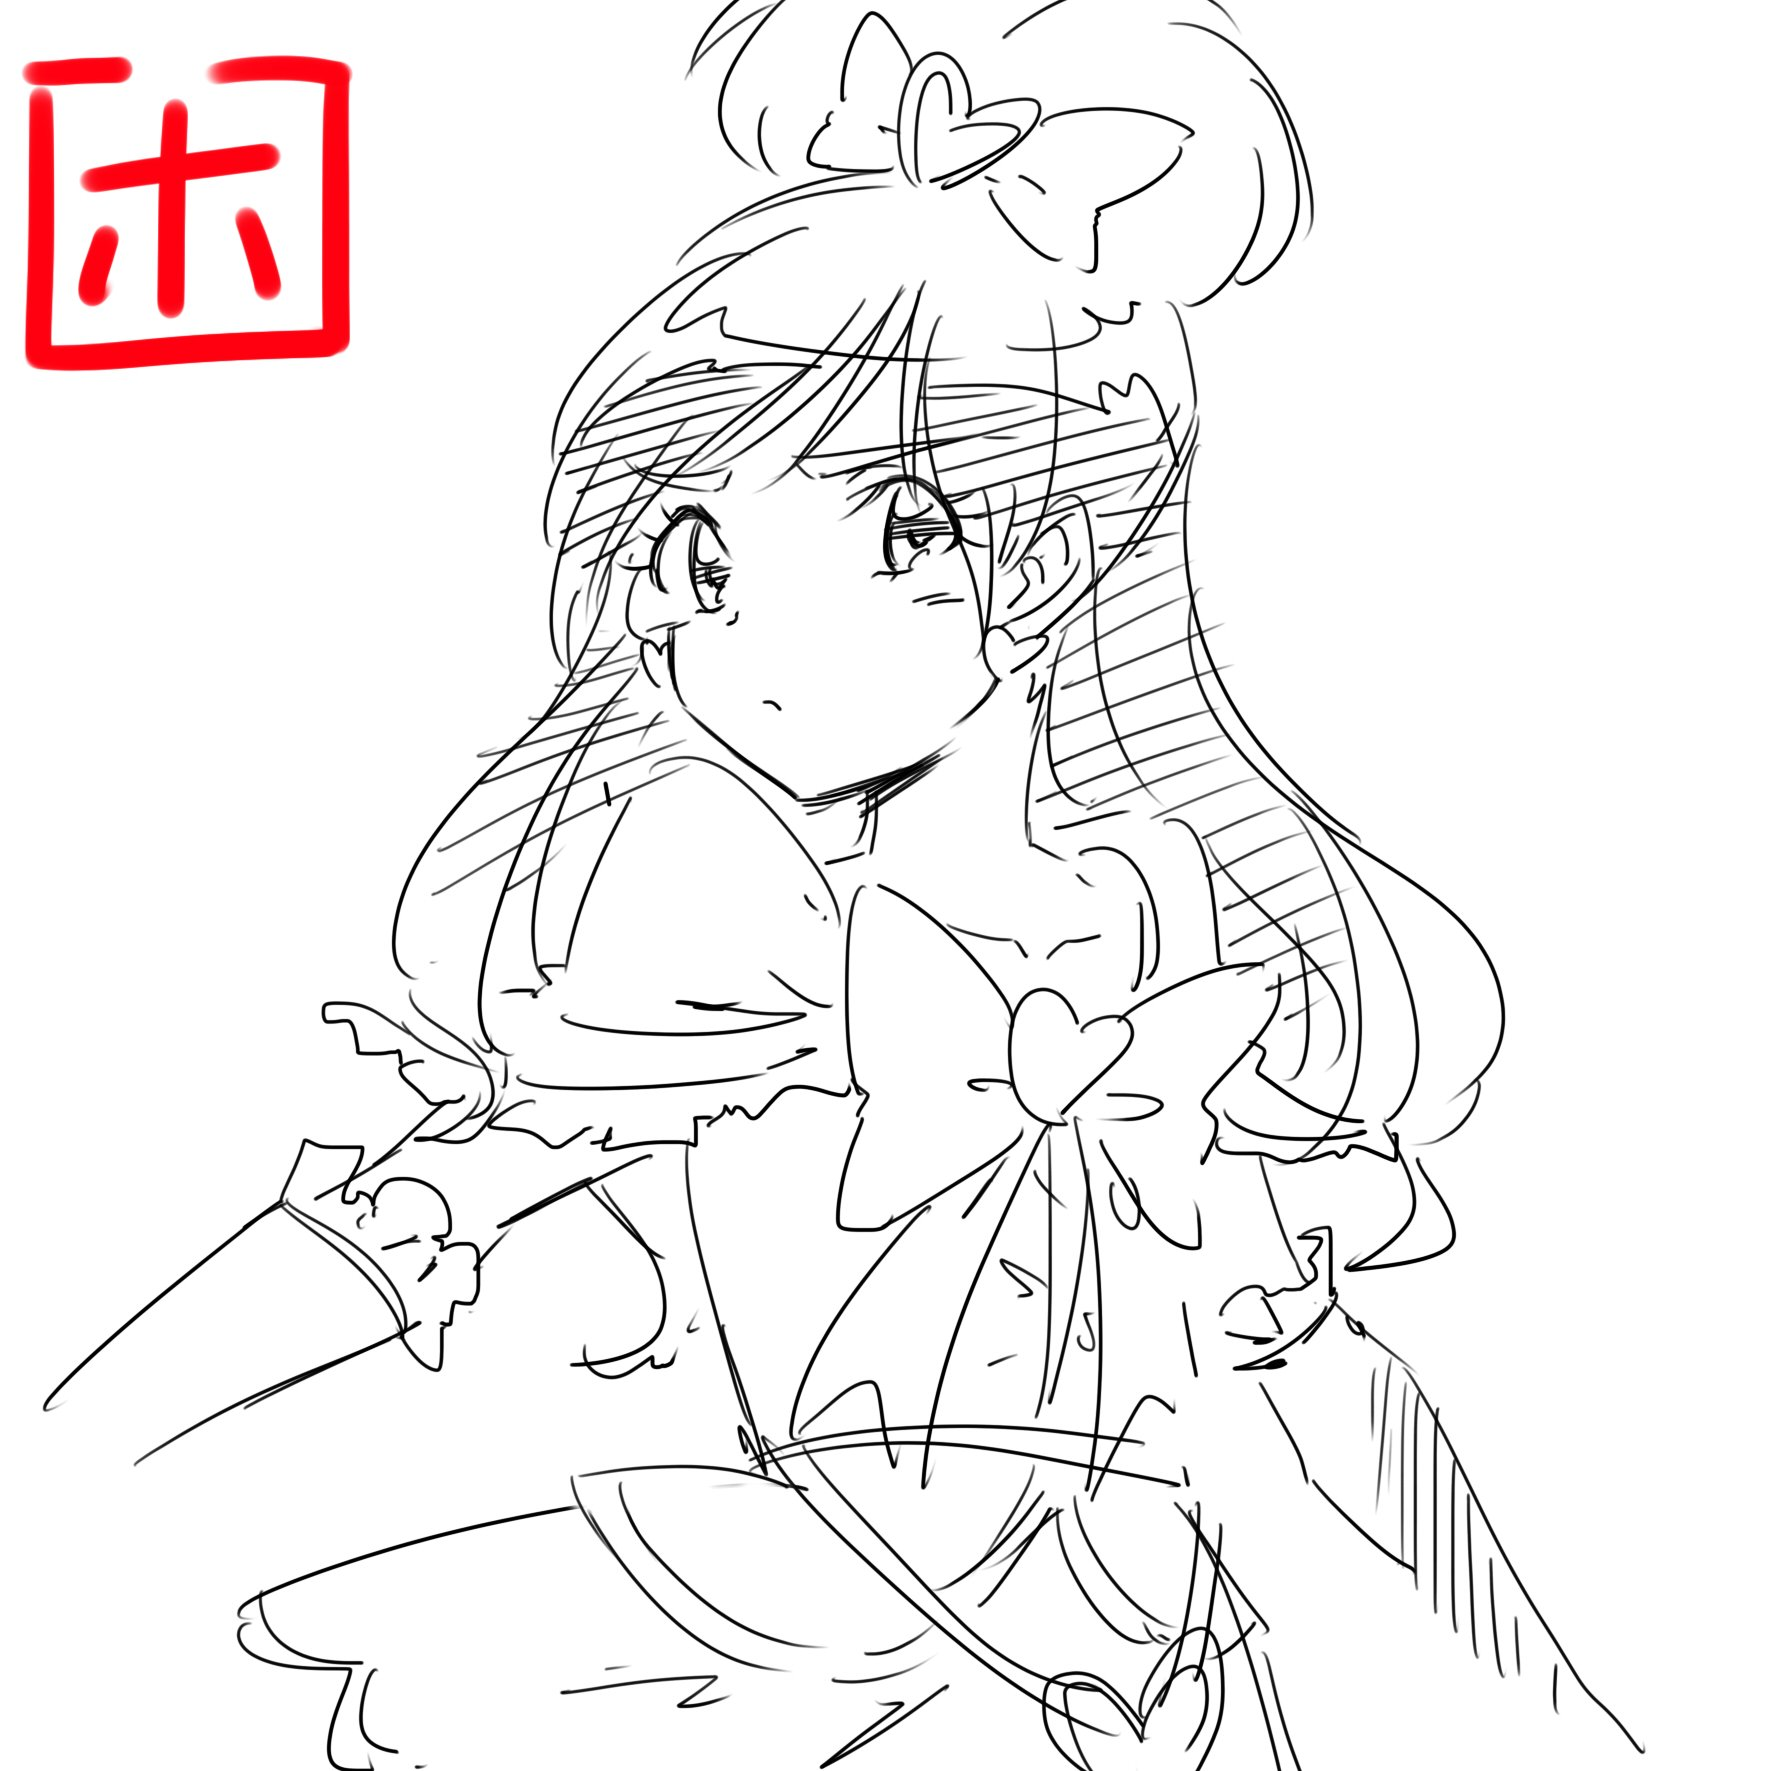 ホリグP🌷🐯@魂募集中 (@horigup)さんのイラスト